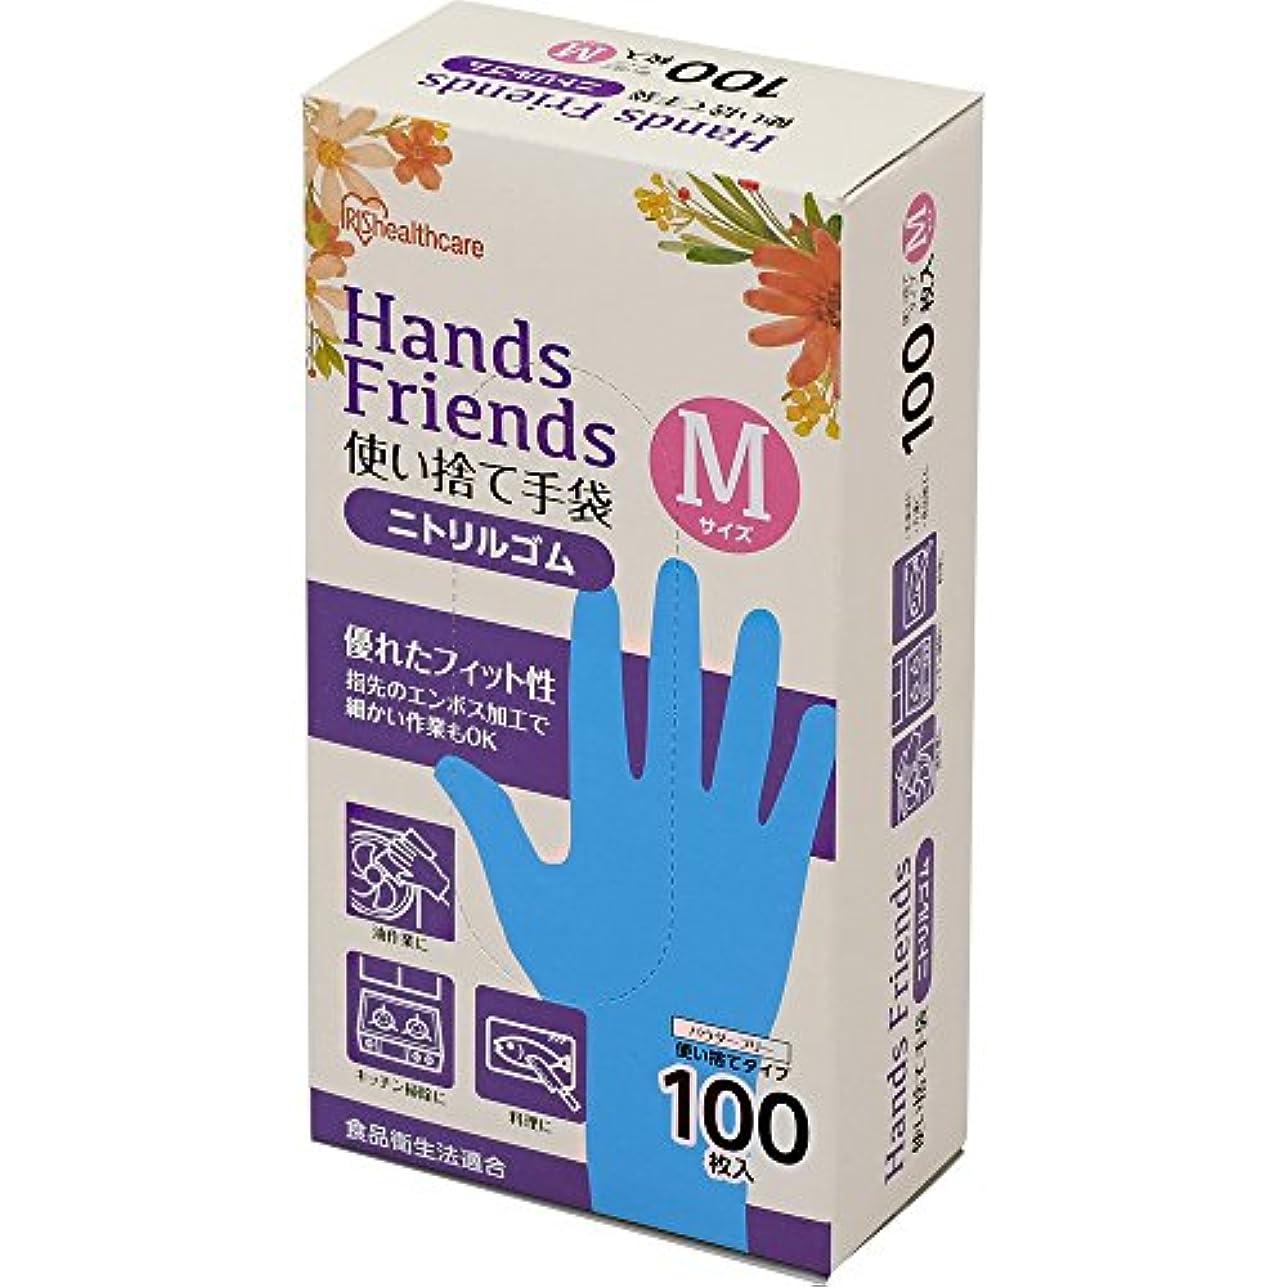 おいしい吐くほかに使い捨て手袋 ブルー ニトリルゴム 100枚 Mサイズ NBR-100M